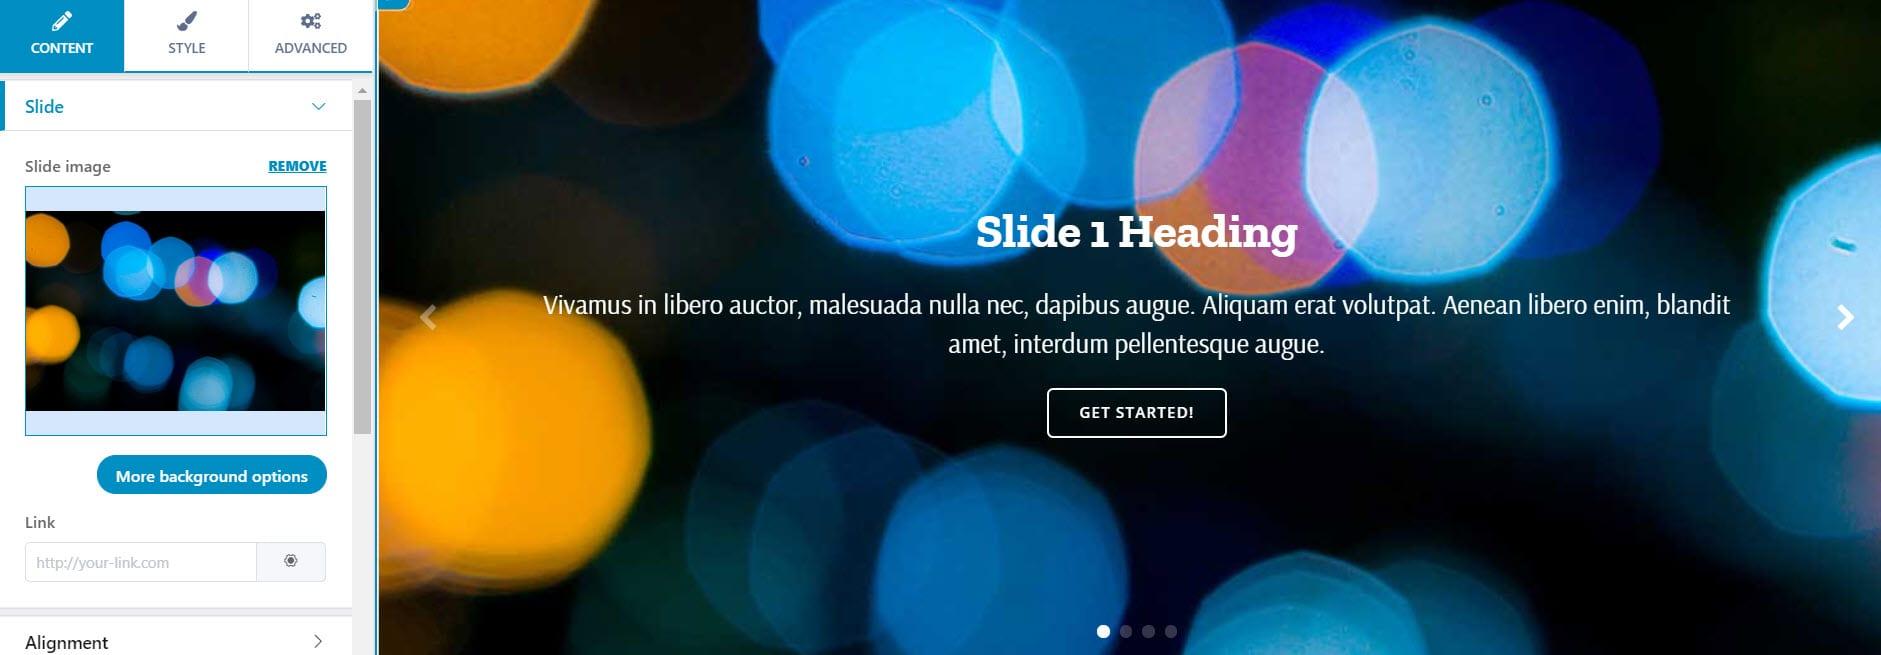 WordPress sliders can be used in website portfolios